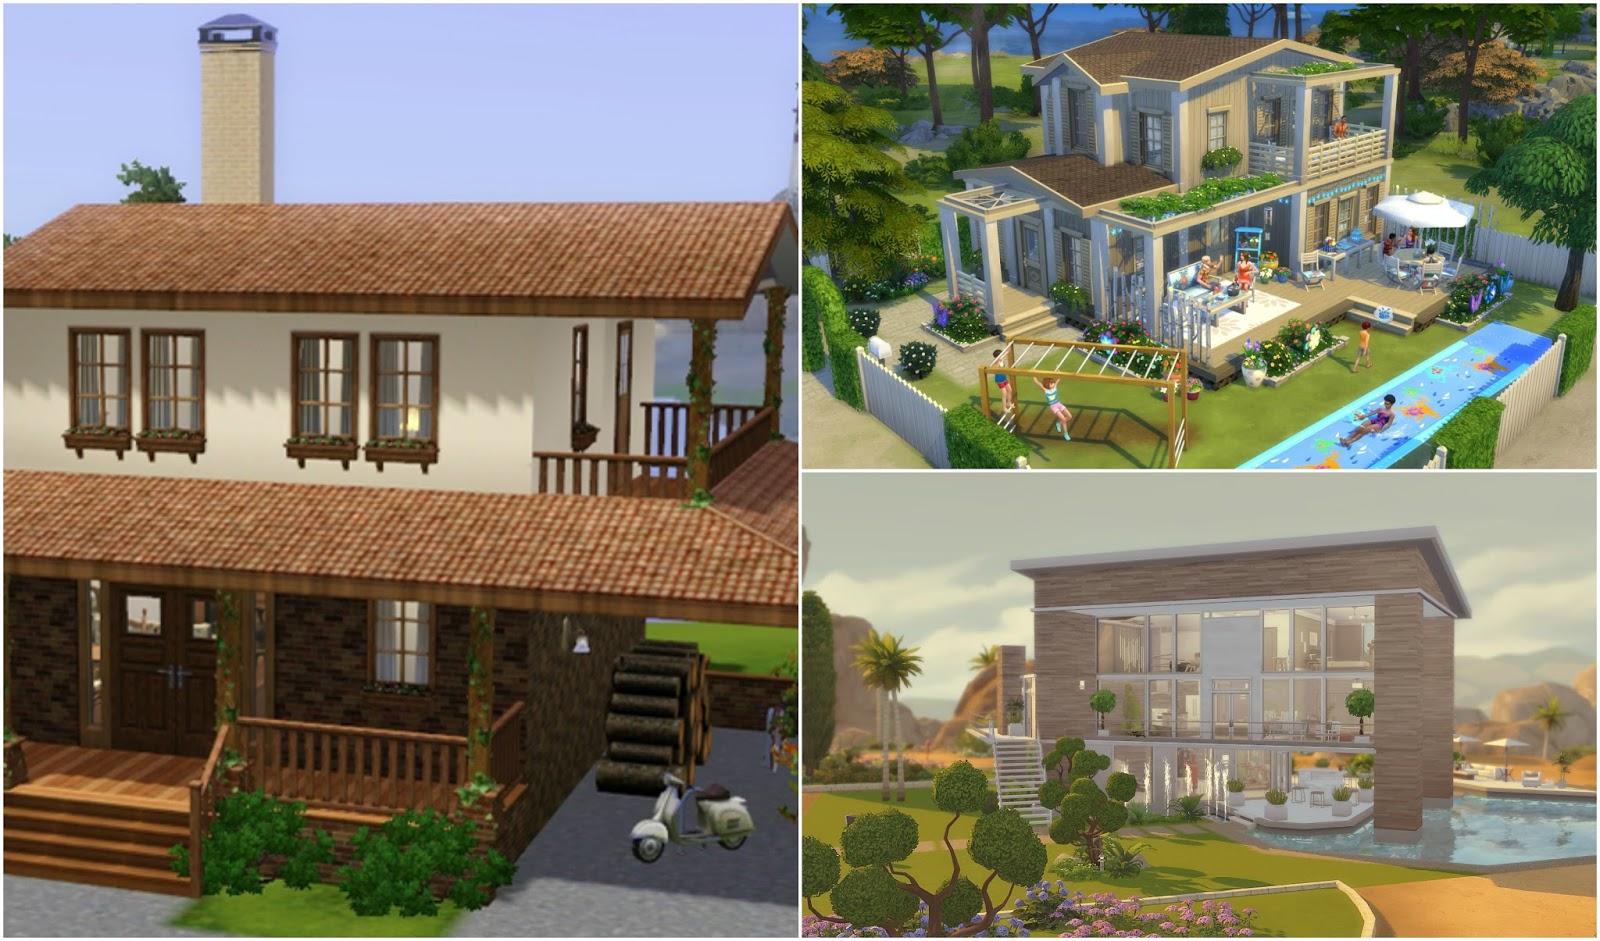 Criando casas lindas no the sims 4 filipa marques - Fotos de habitaciones bonitas ...